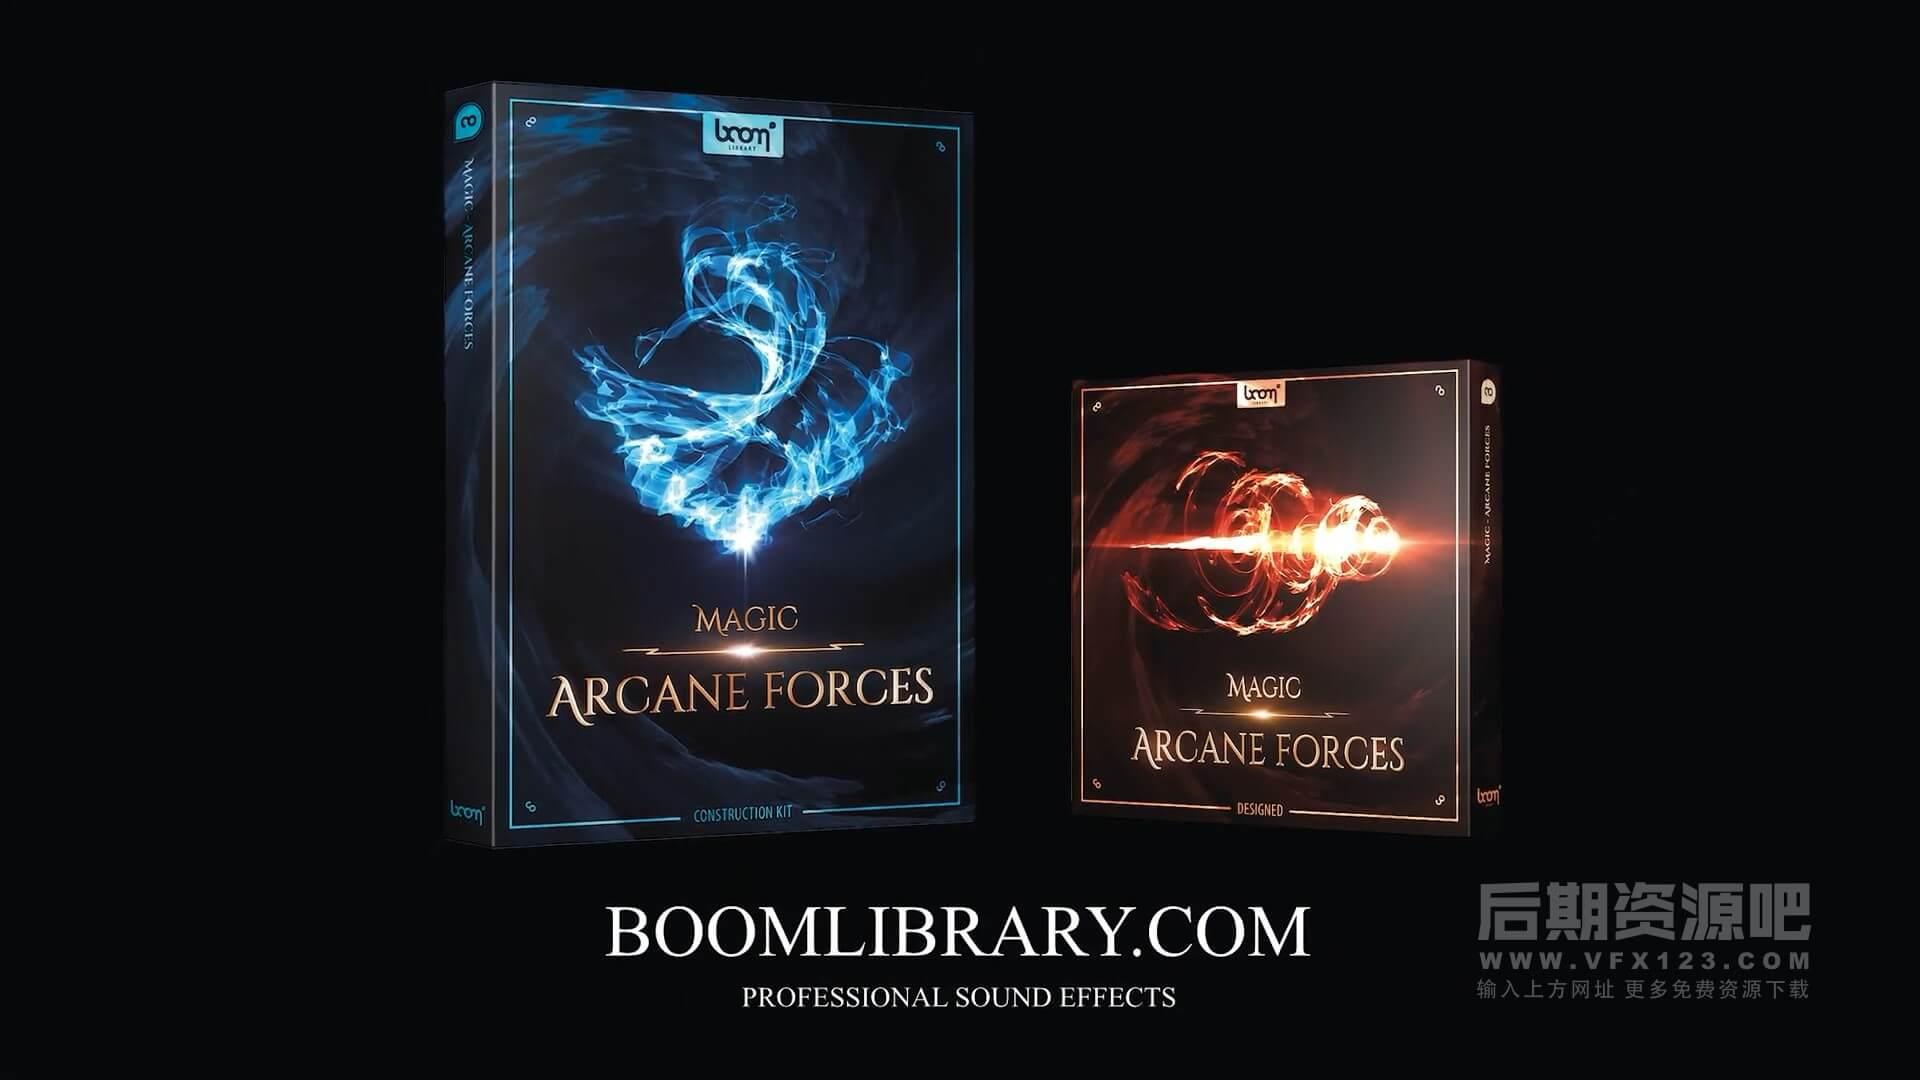 音效素材 782个能量魔法特效冲击波神秘奇幻大气动作场景音效 Arcane Forces